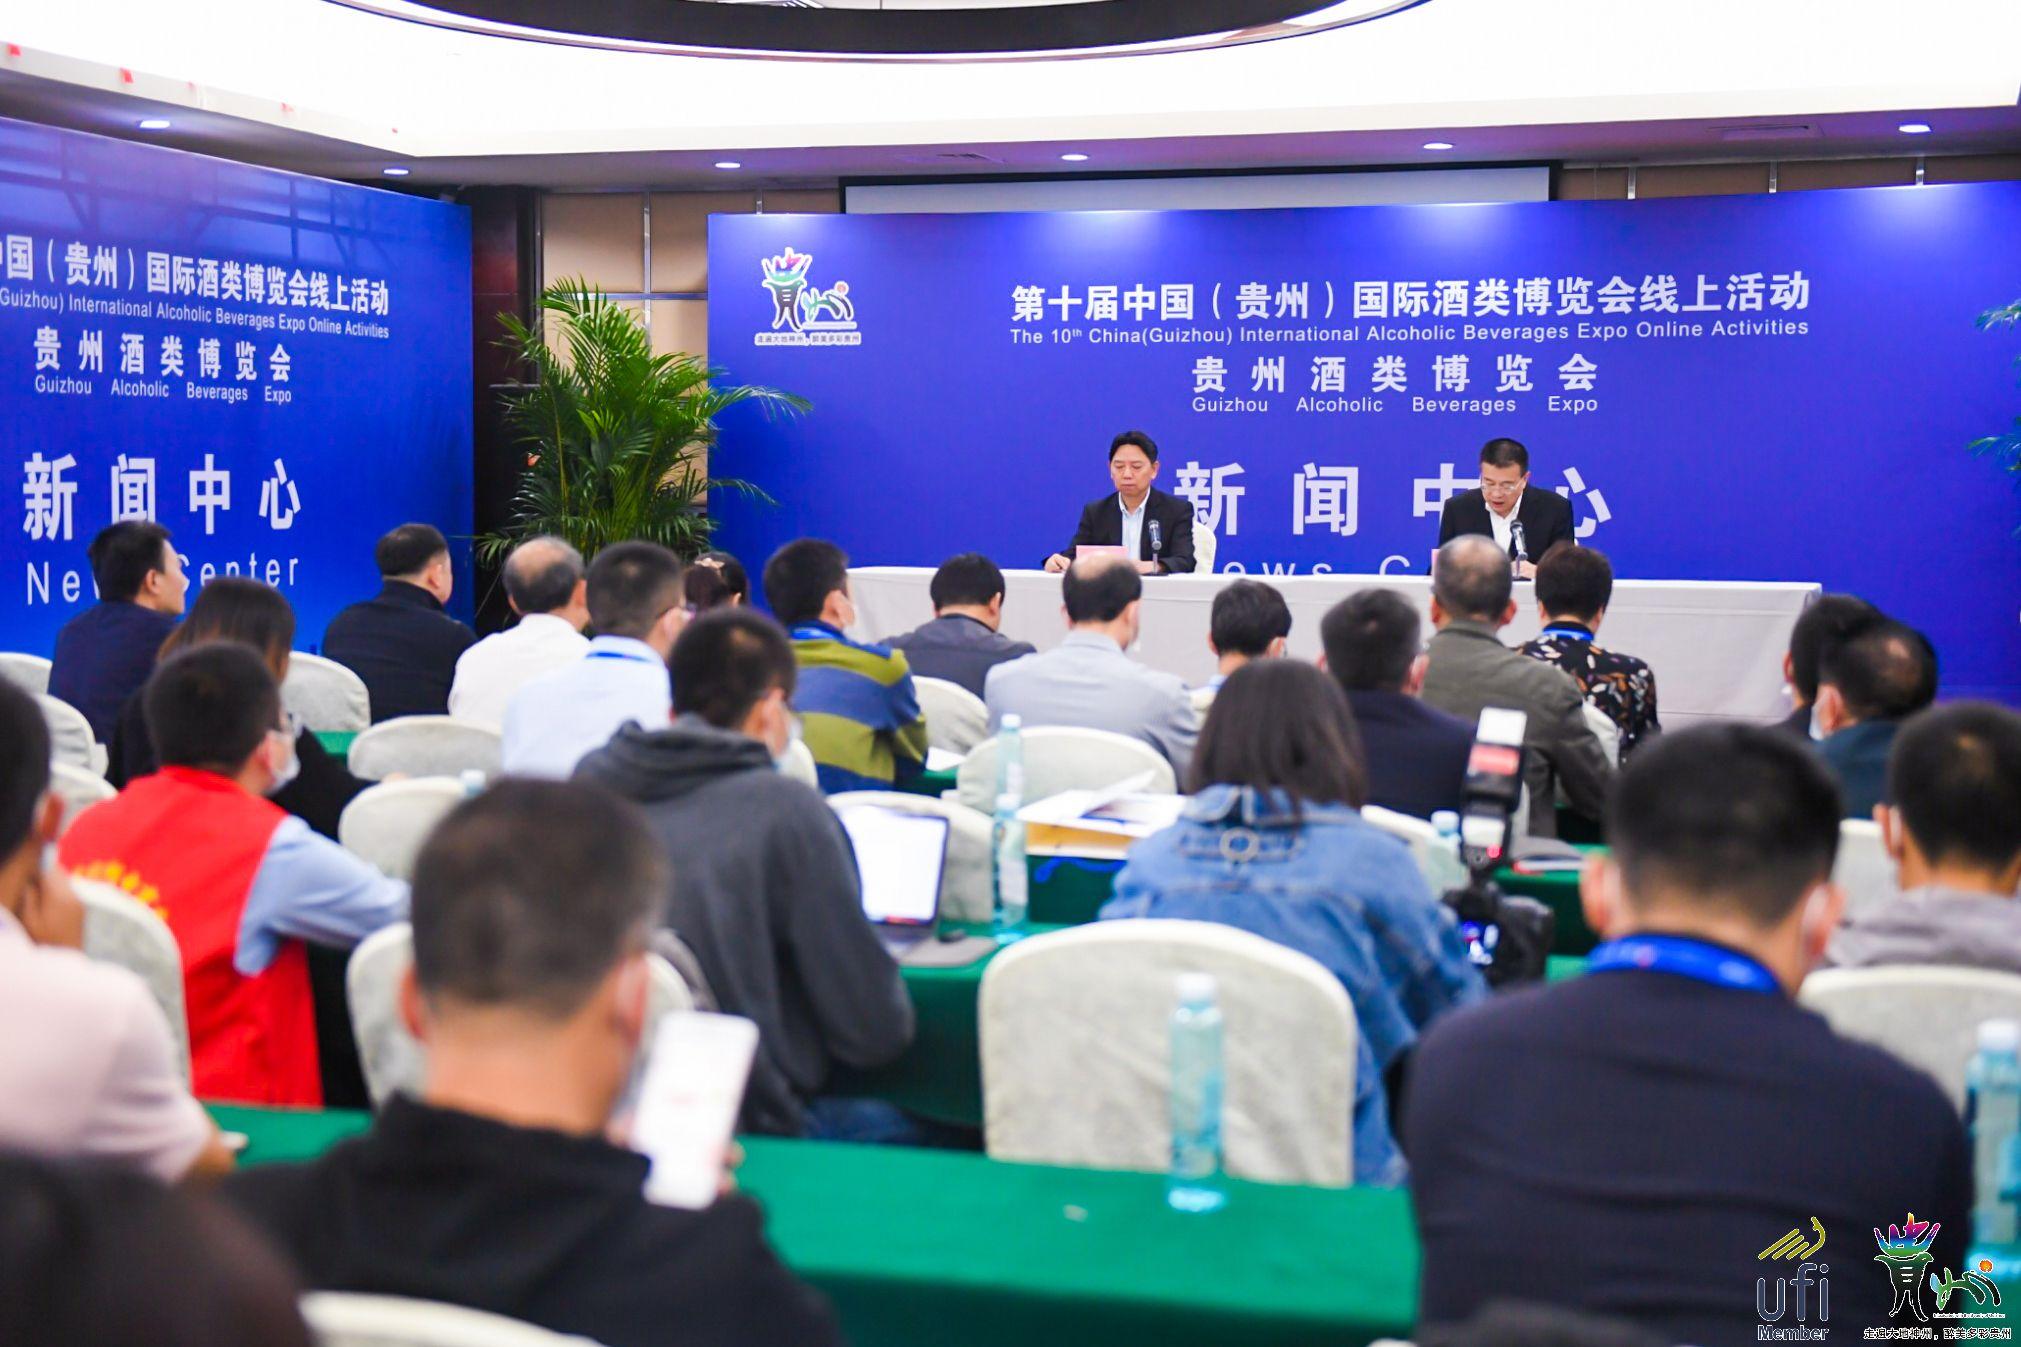 贵州酒类博览会闭幕,累计投资贸易总额近250亿元图片